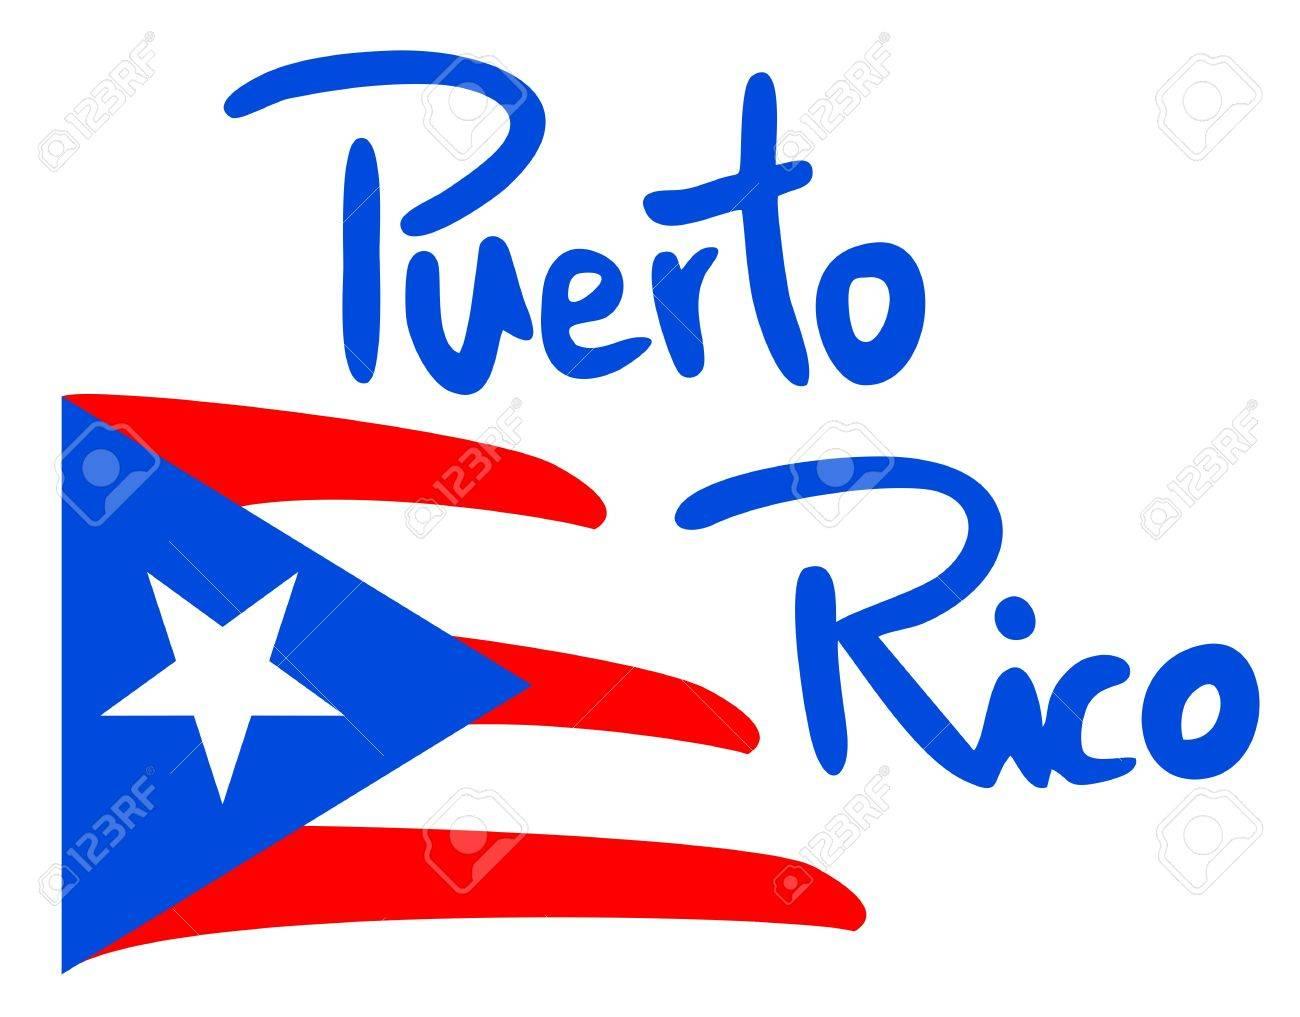 Puerto Rico - 21004360